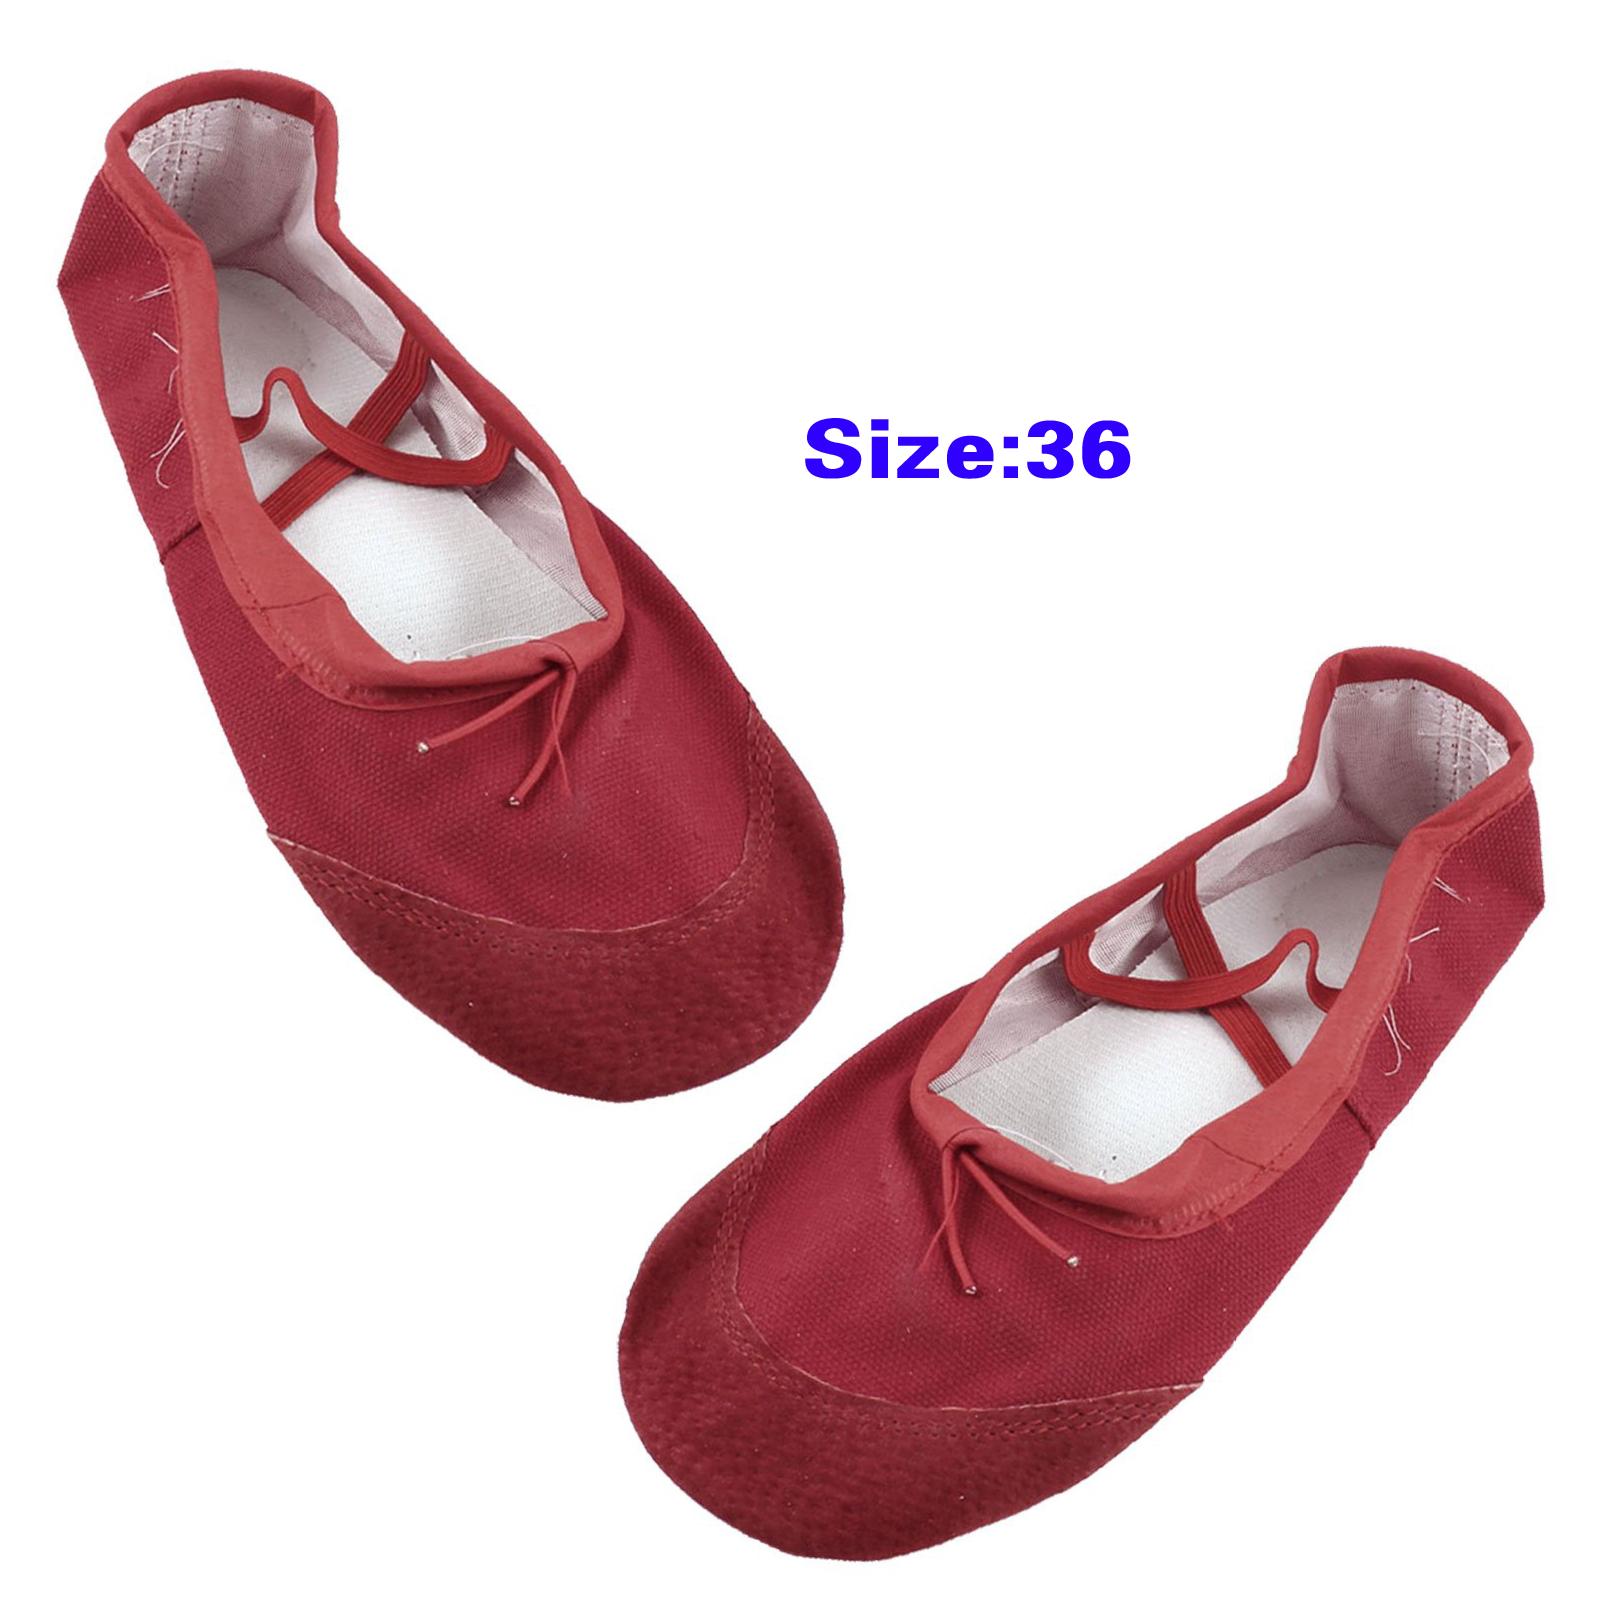 Women Red Faux Leather Split Sole Canvas Ballet Flats Shoes US 5.5 C2R9 D6O4